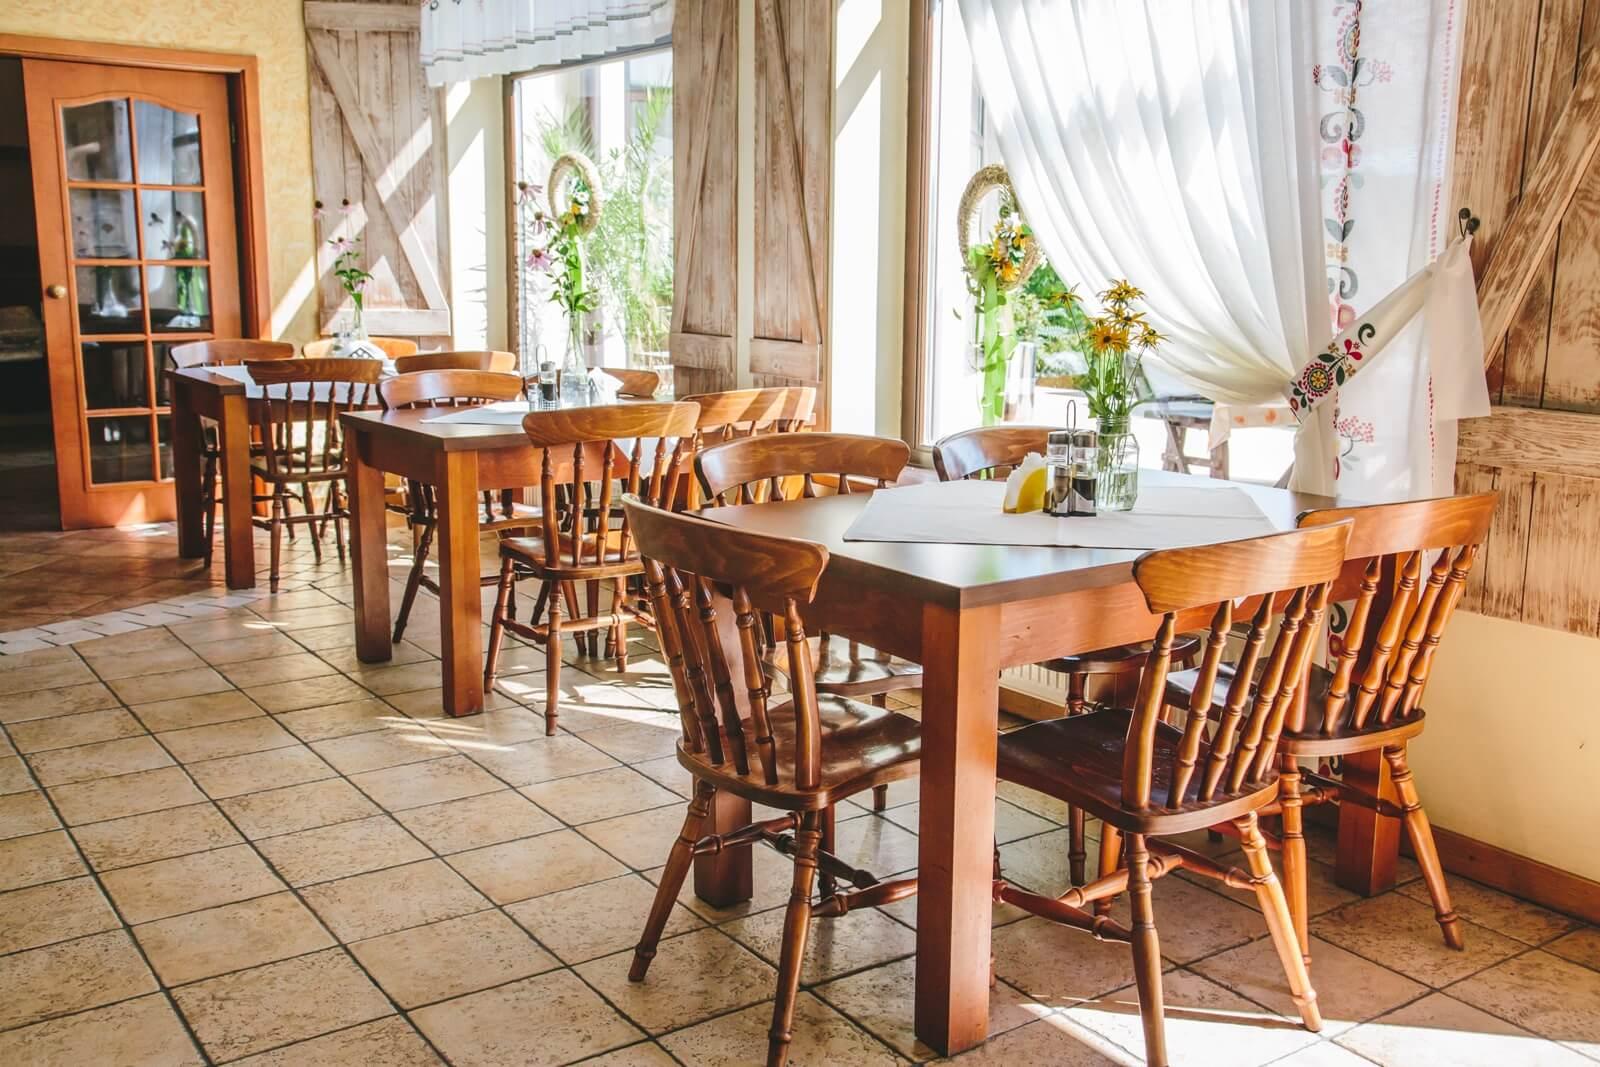 restauracja zodiak wnętrze ze stolikami